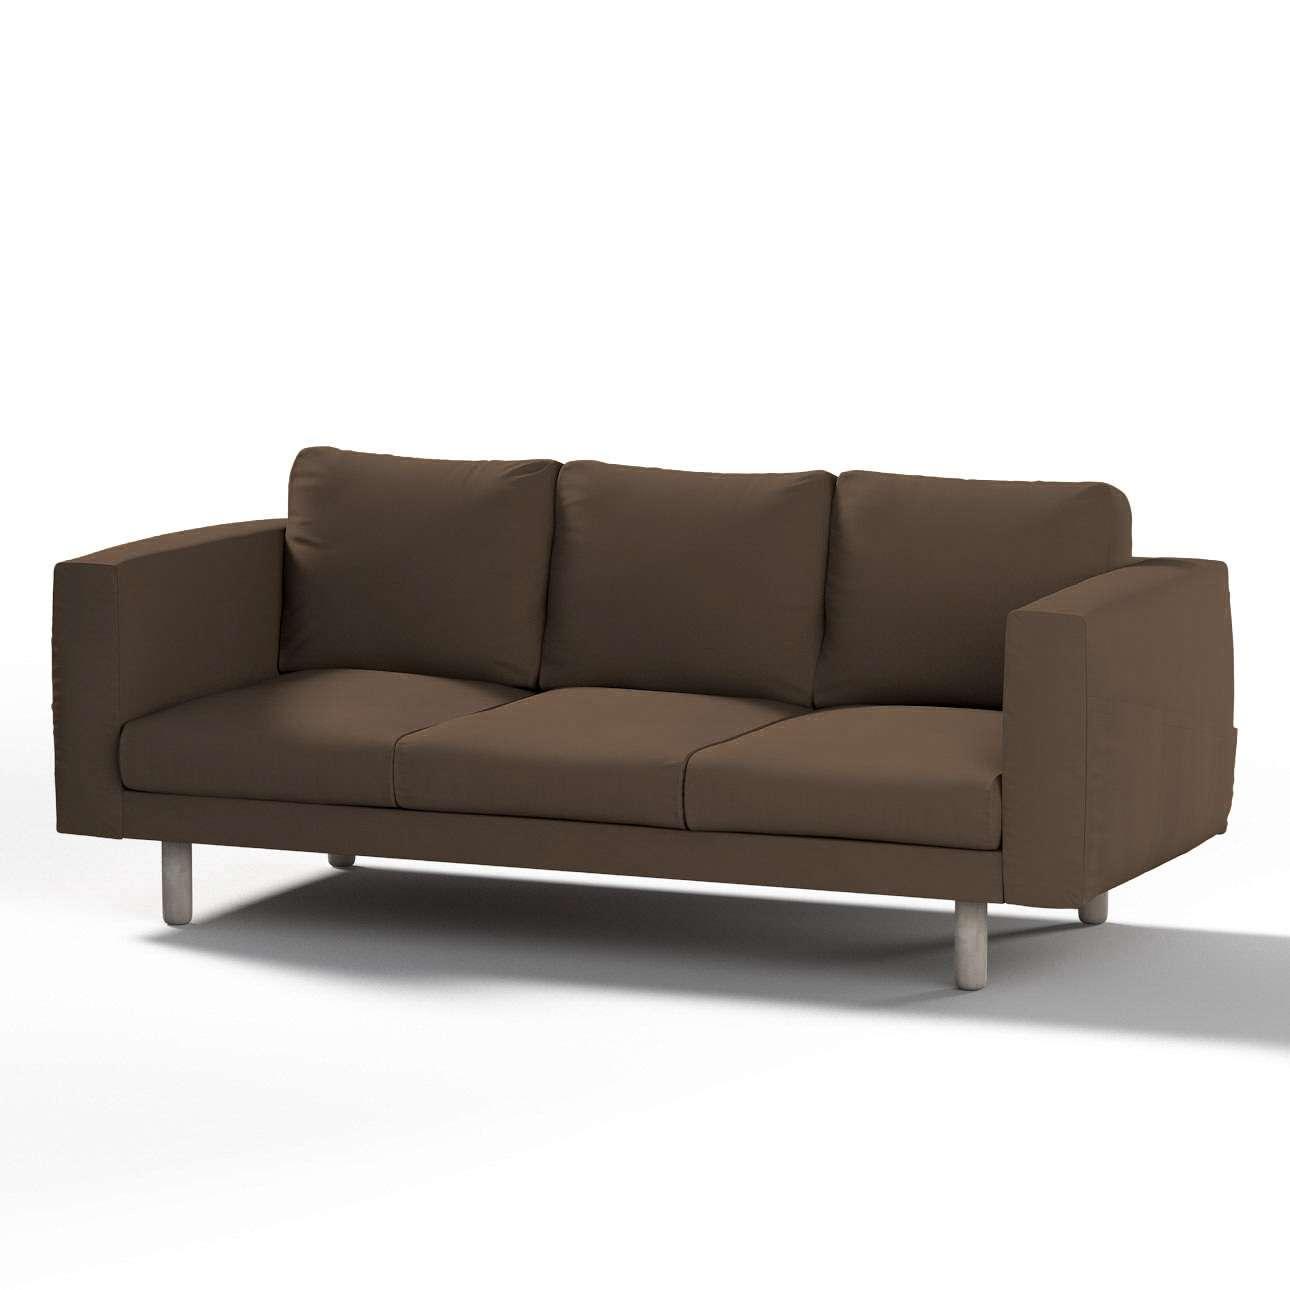 Pokrowiec na sofę Norsborg 3-osobową w kolekcji Cotton Panama, tkanina: 702-02